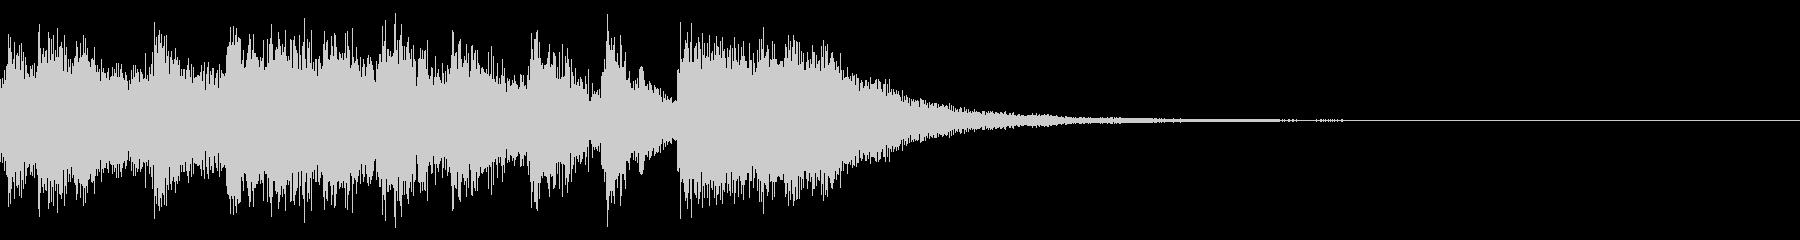 ファンファーレ_07の未再生の波形